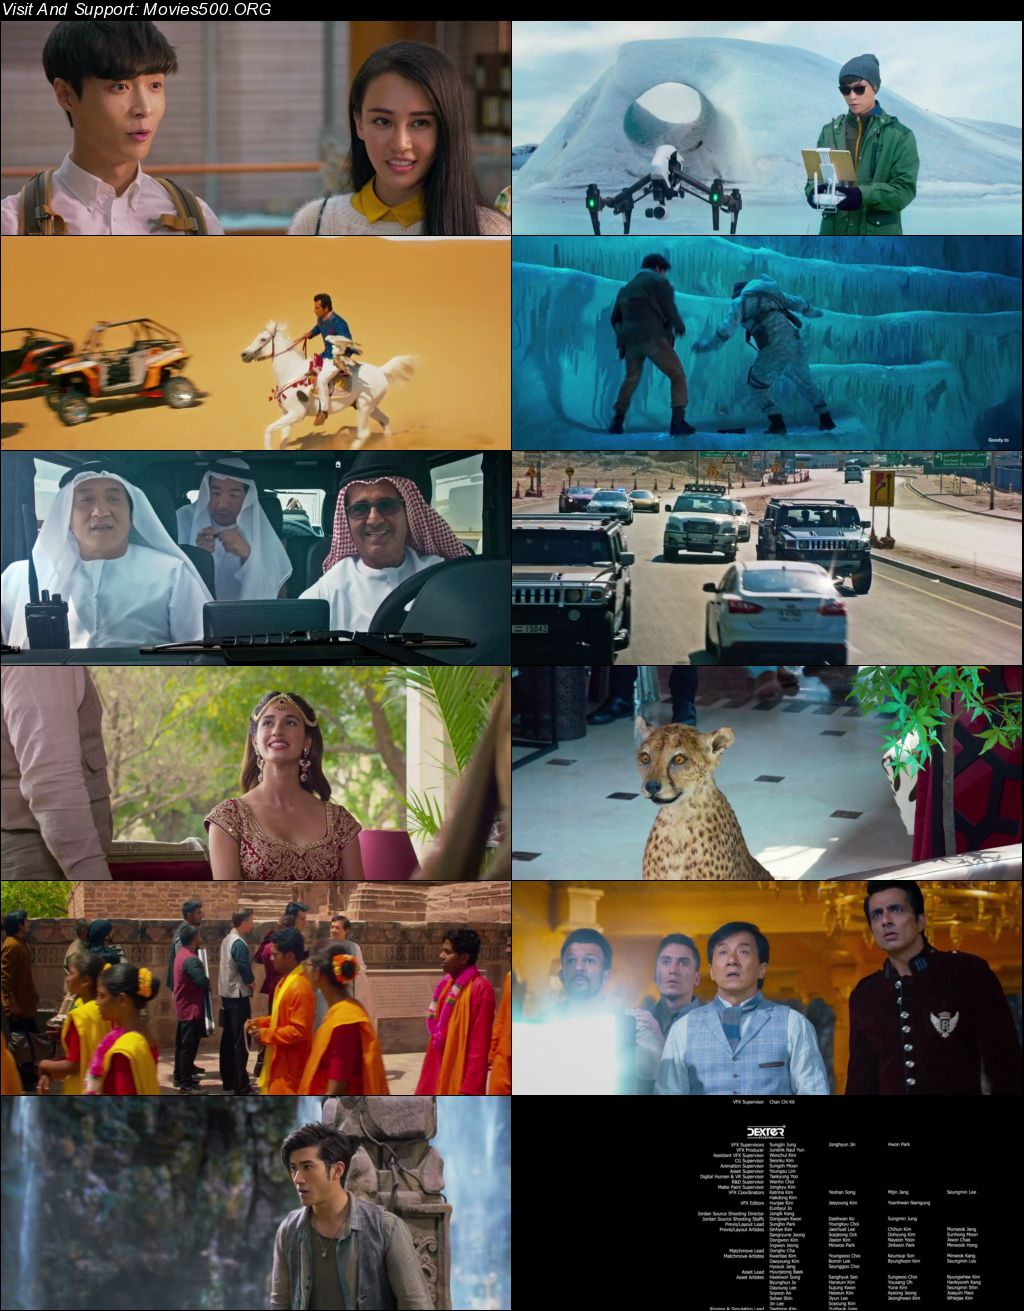 Kung Fu Yoga 2017 Hindi Download BluRay 720p at xcharge.net